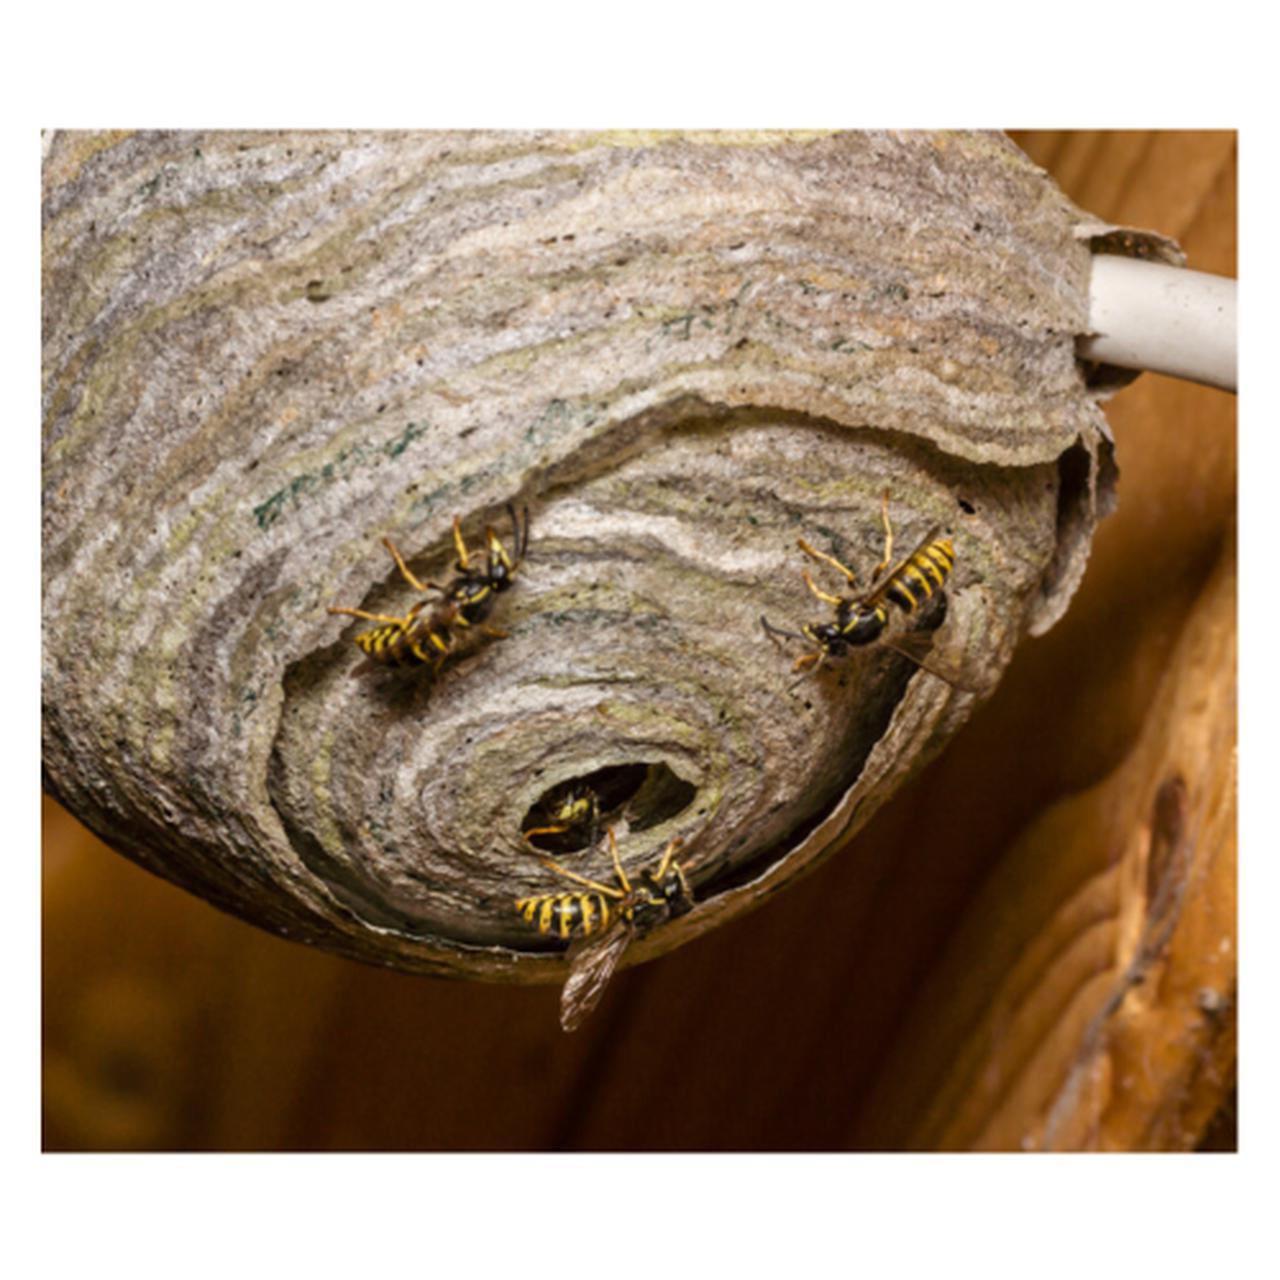 画像1: 【防犯コラム】アウトドア派は必見‼︎ スズメバチを知る‼︎